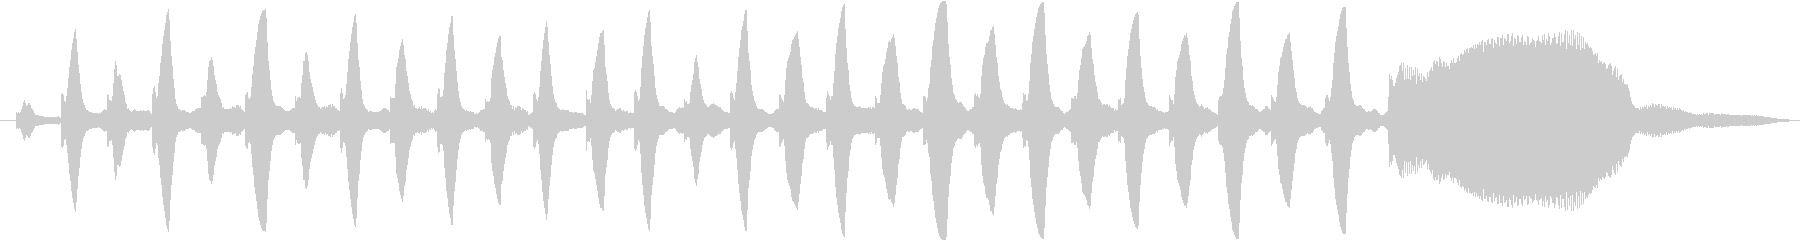 ピアノとオーボエの音色のかわいい音の未再生の波形